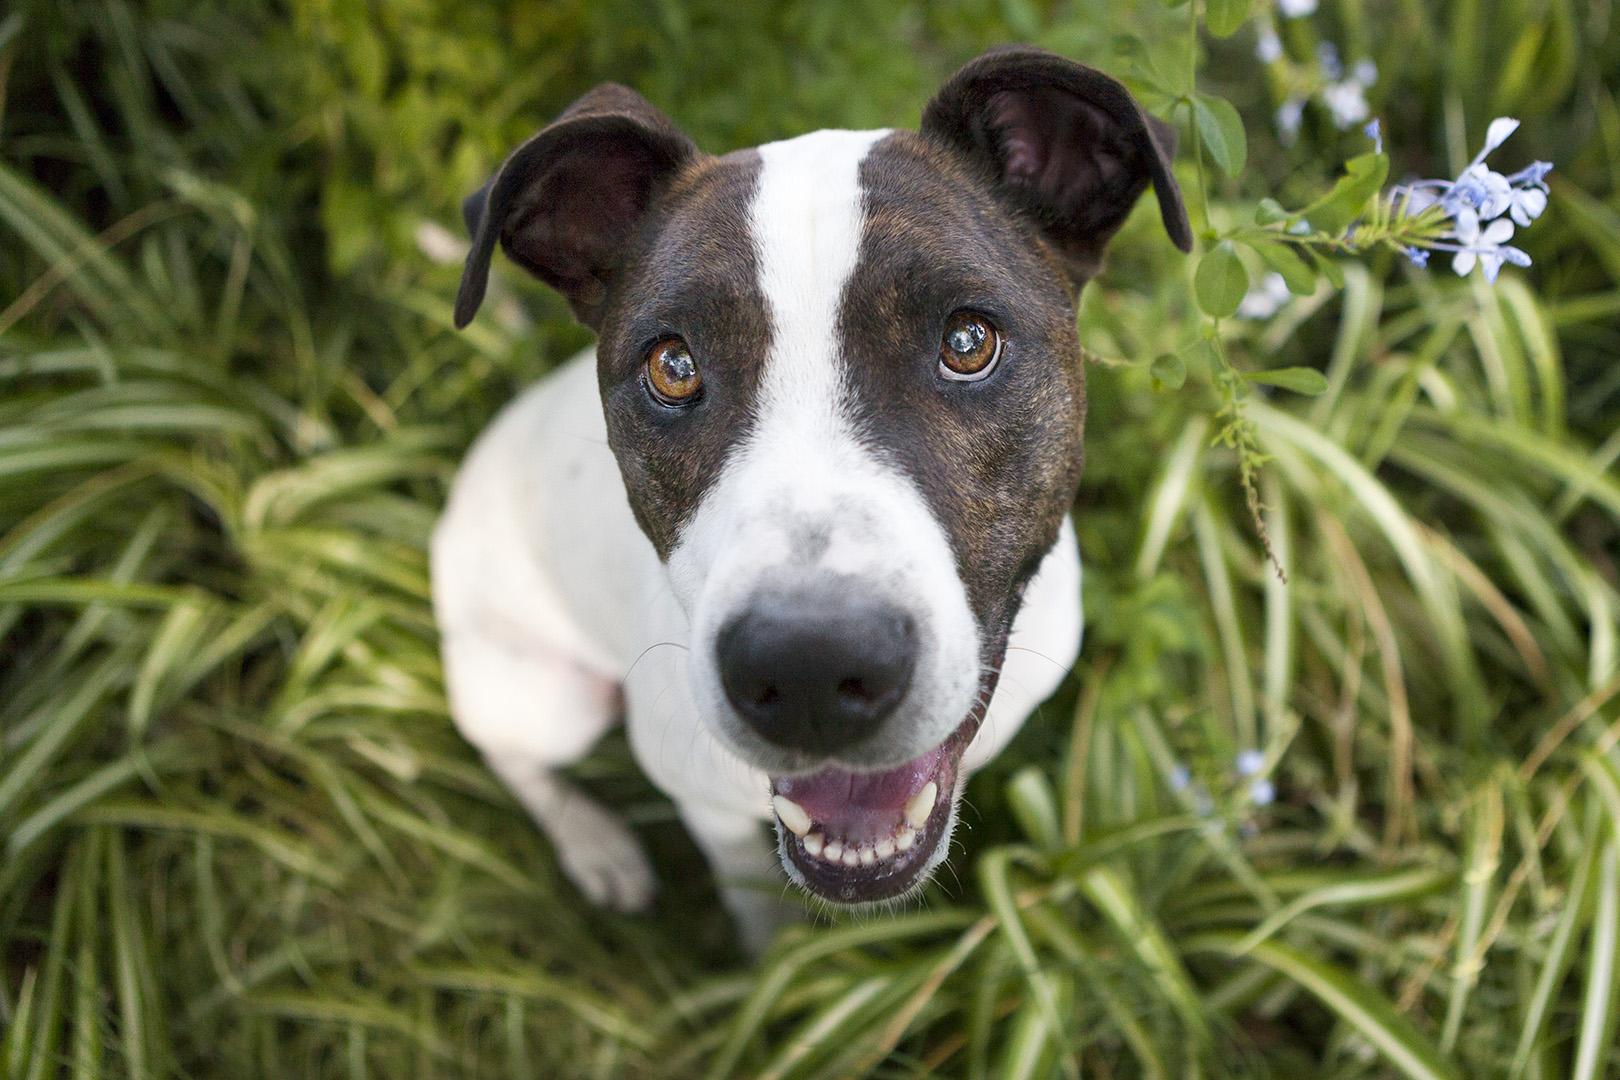 IMG_2429-dog face photos.jpg